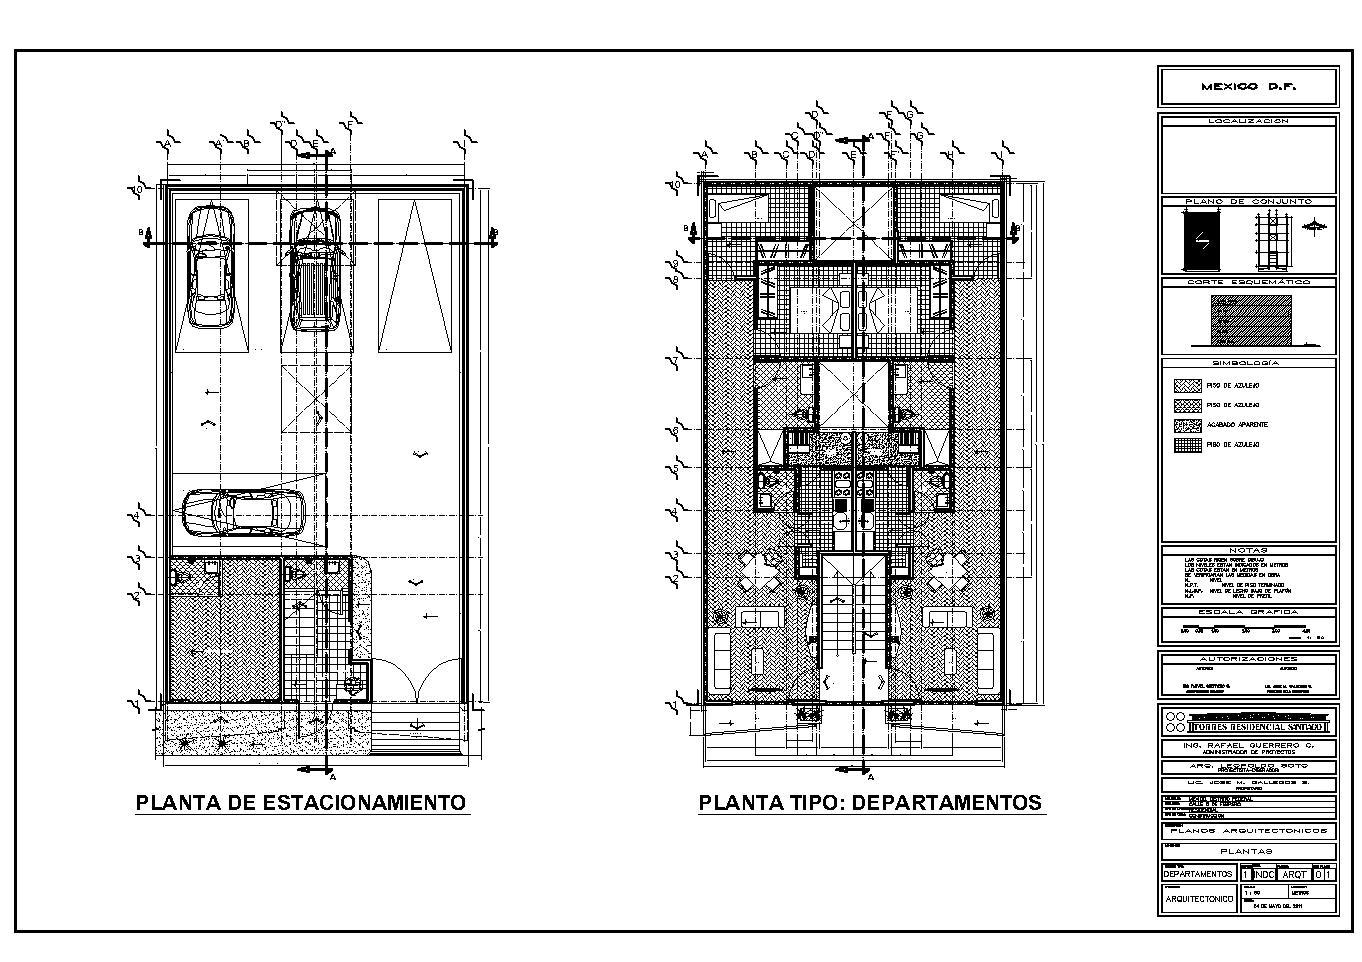 Dise o arquitect nico y bioclim tico planos arquitectonicos for Representacion grafica de planos arquitectonicos